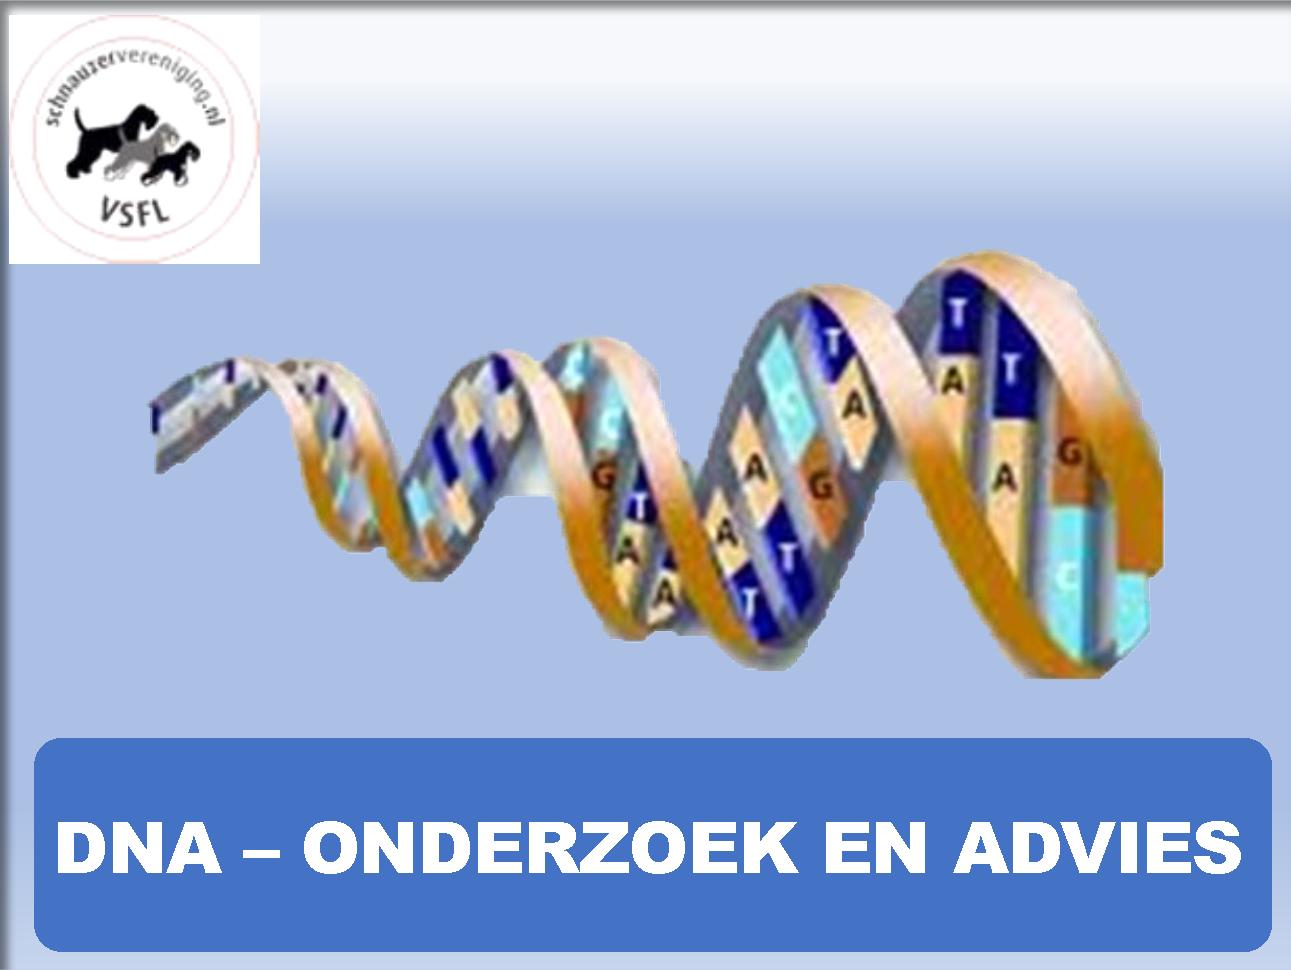 DNA-Onderzoek-en-Advies VSFL